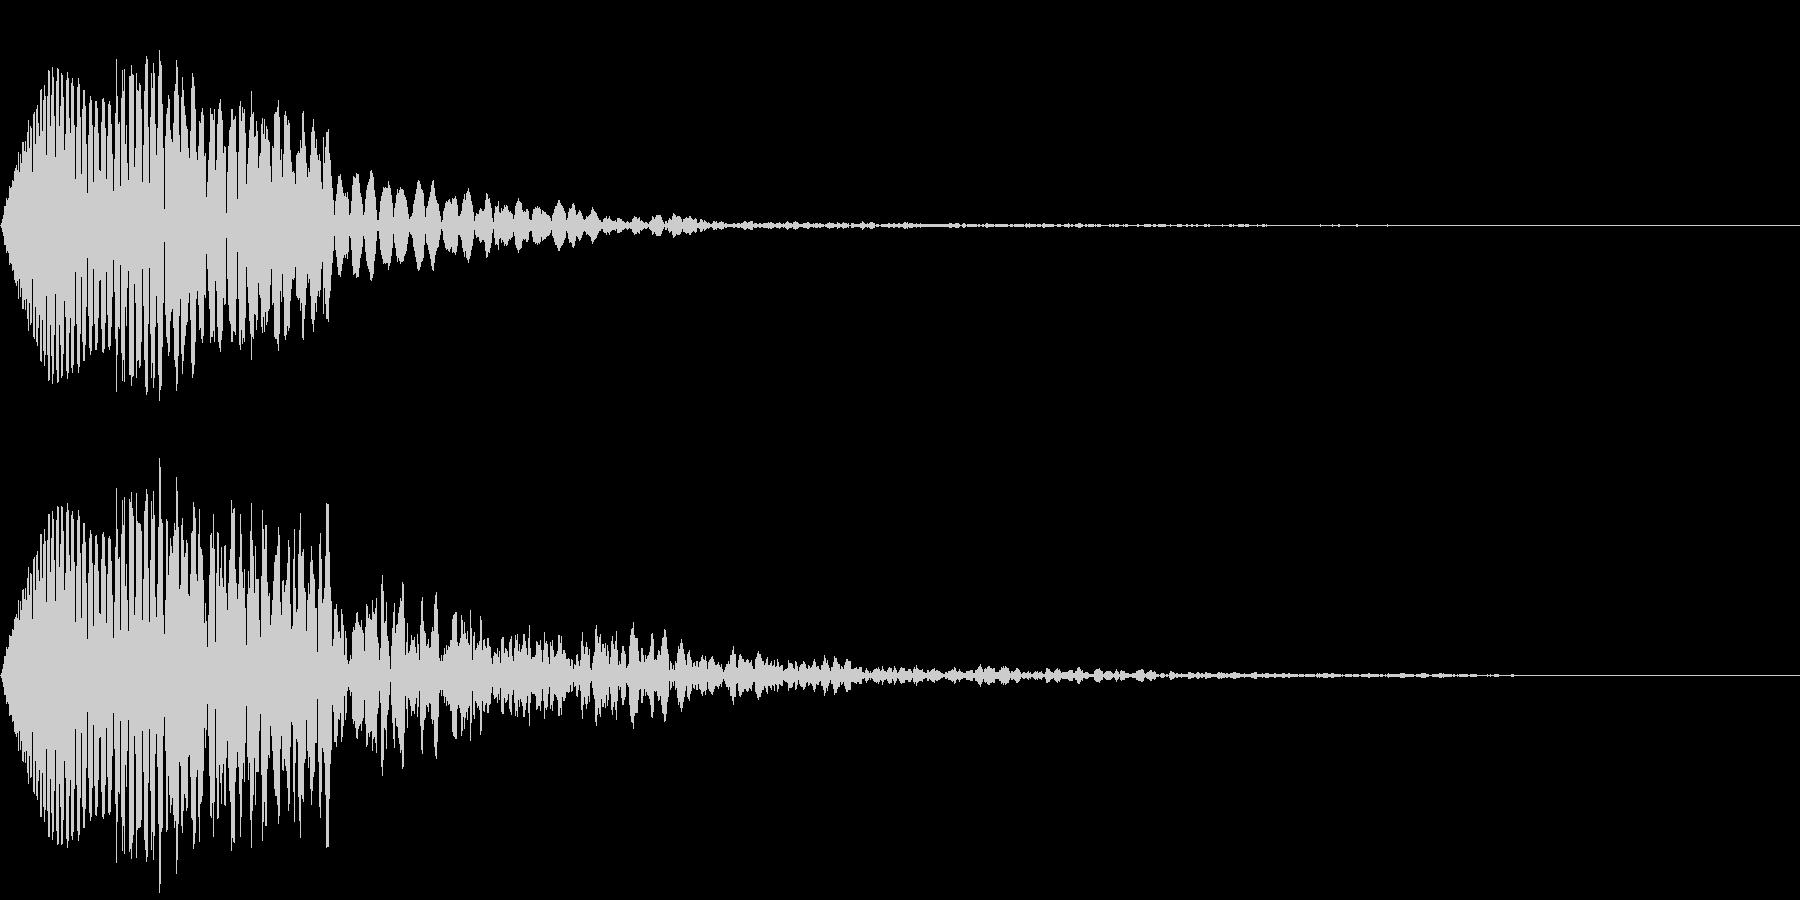 ぶわん 攻撃音の未再生の波形